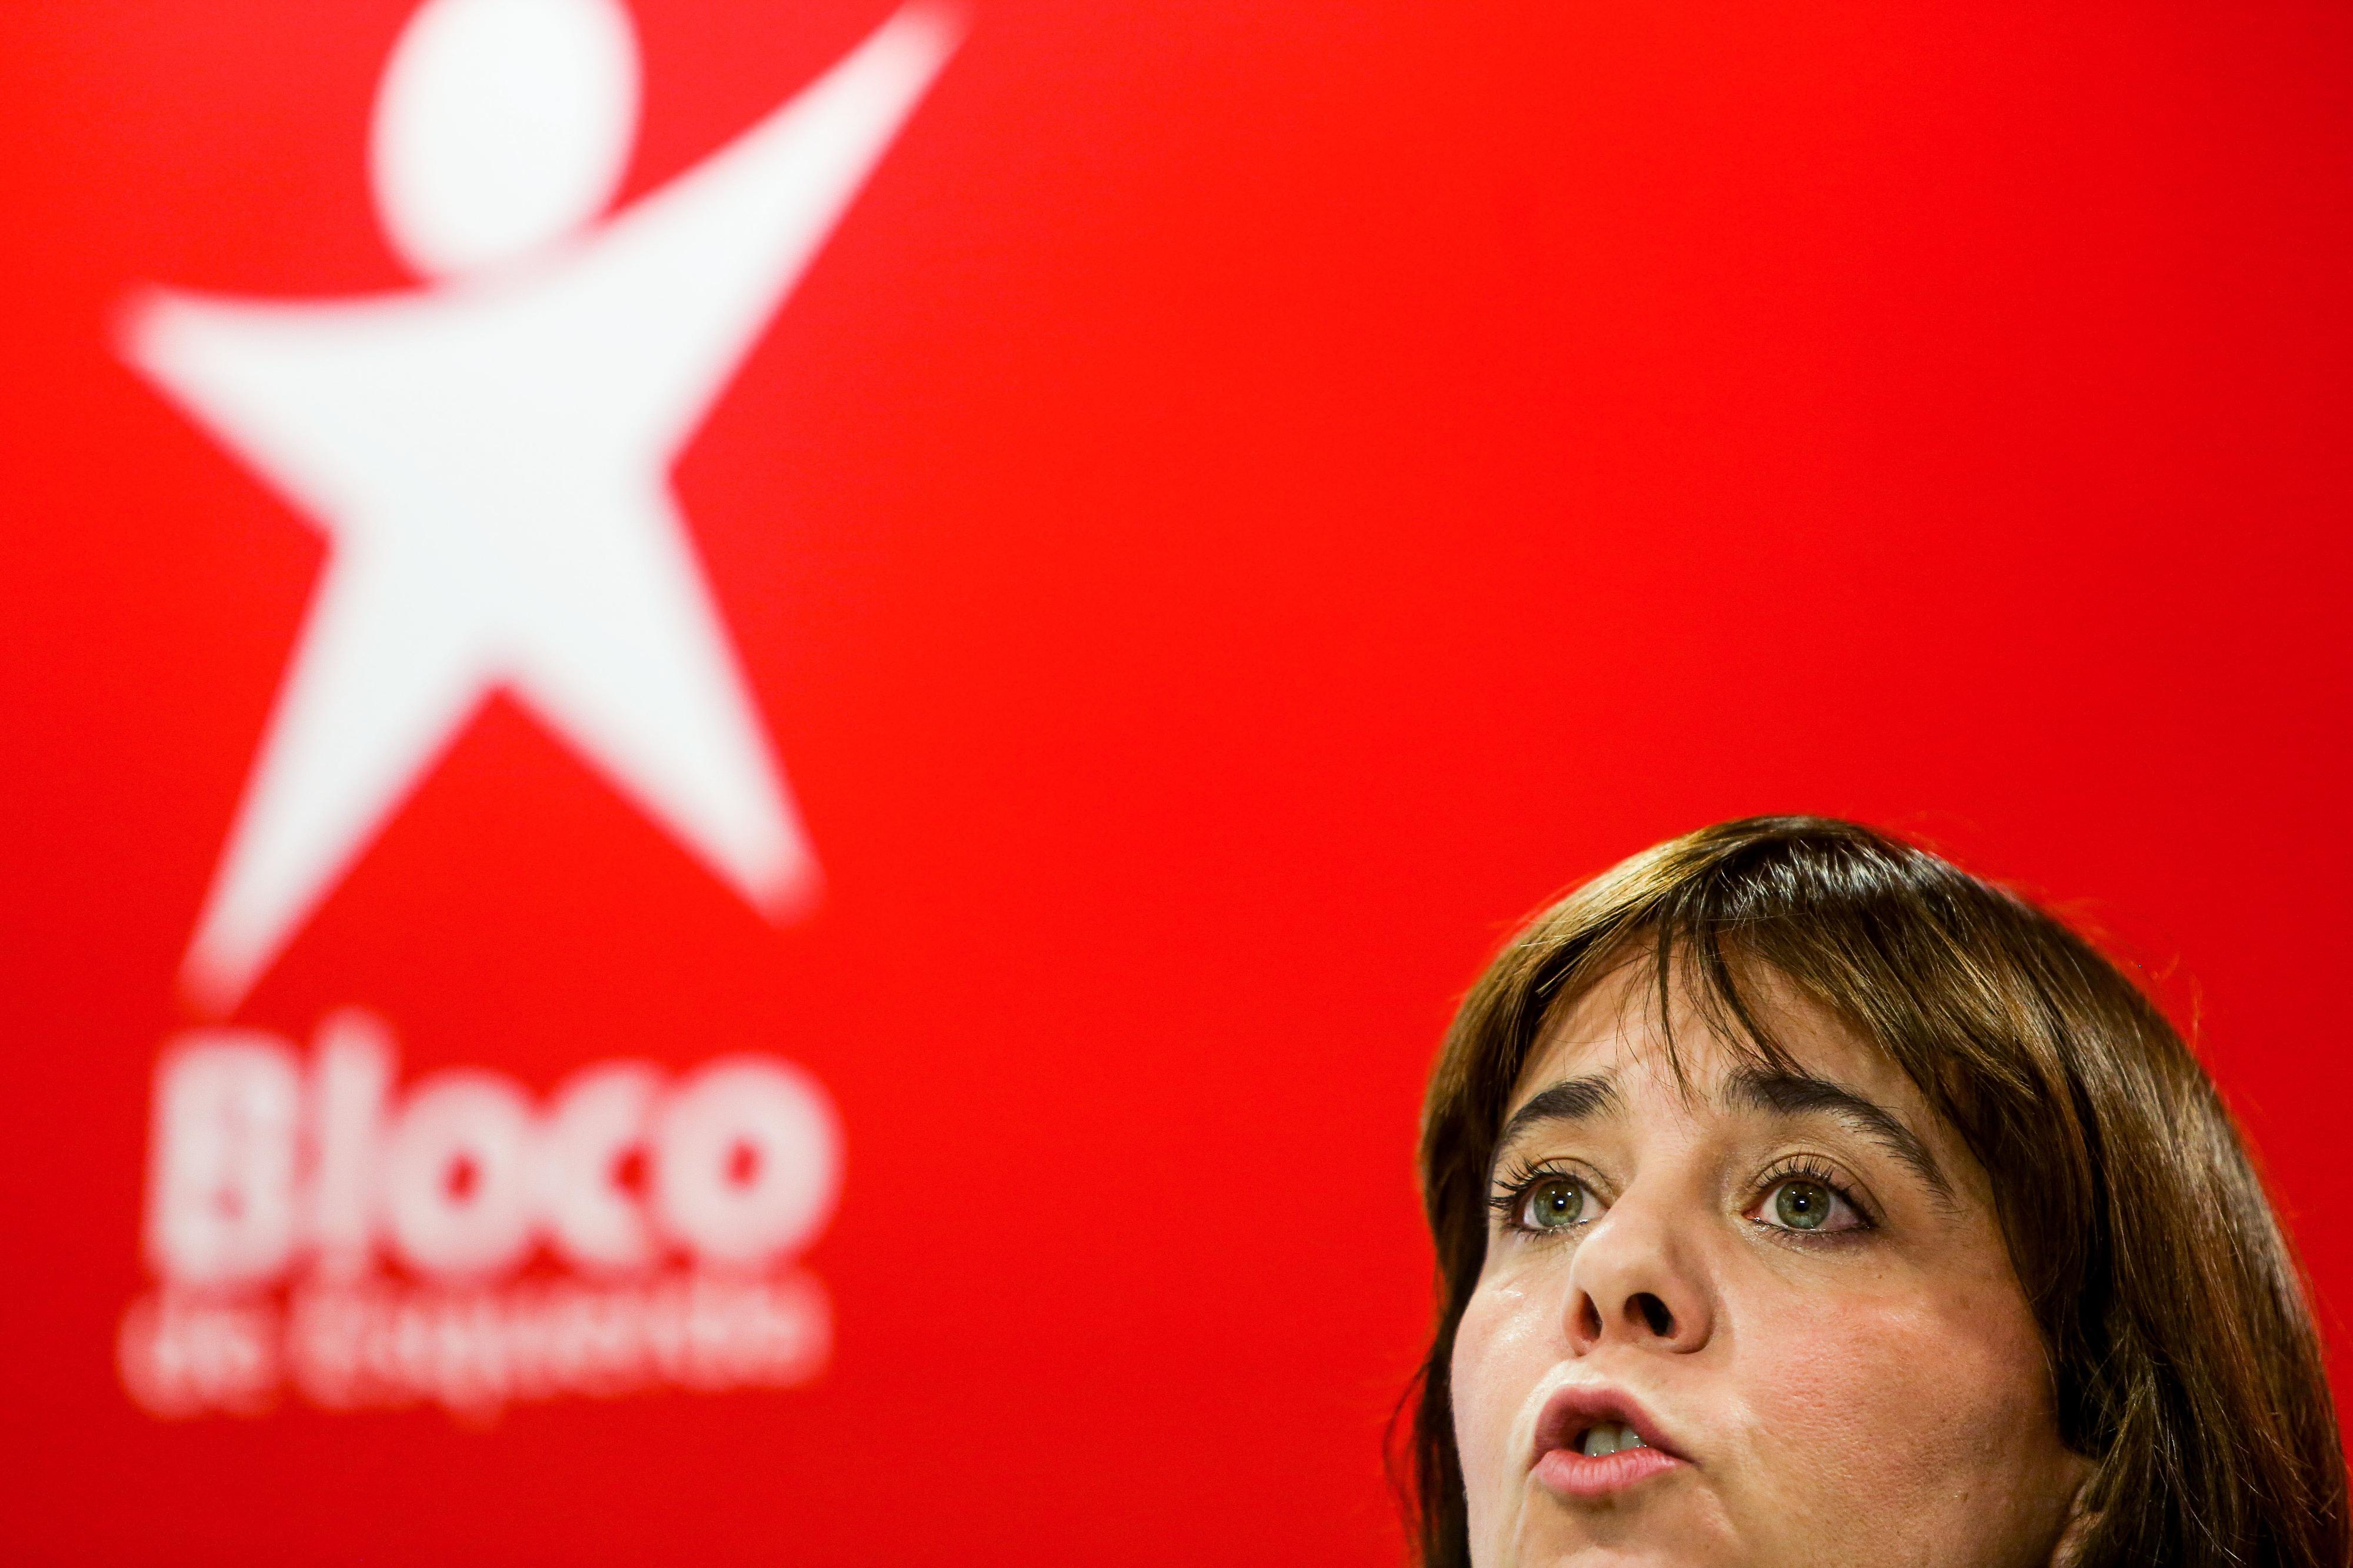 Governo não avança com renegociação da dívida por medo da ortodoxia europeia - BE